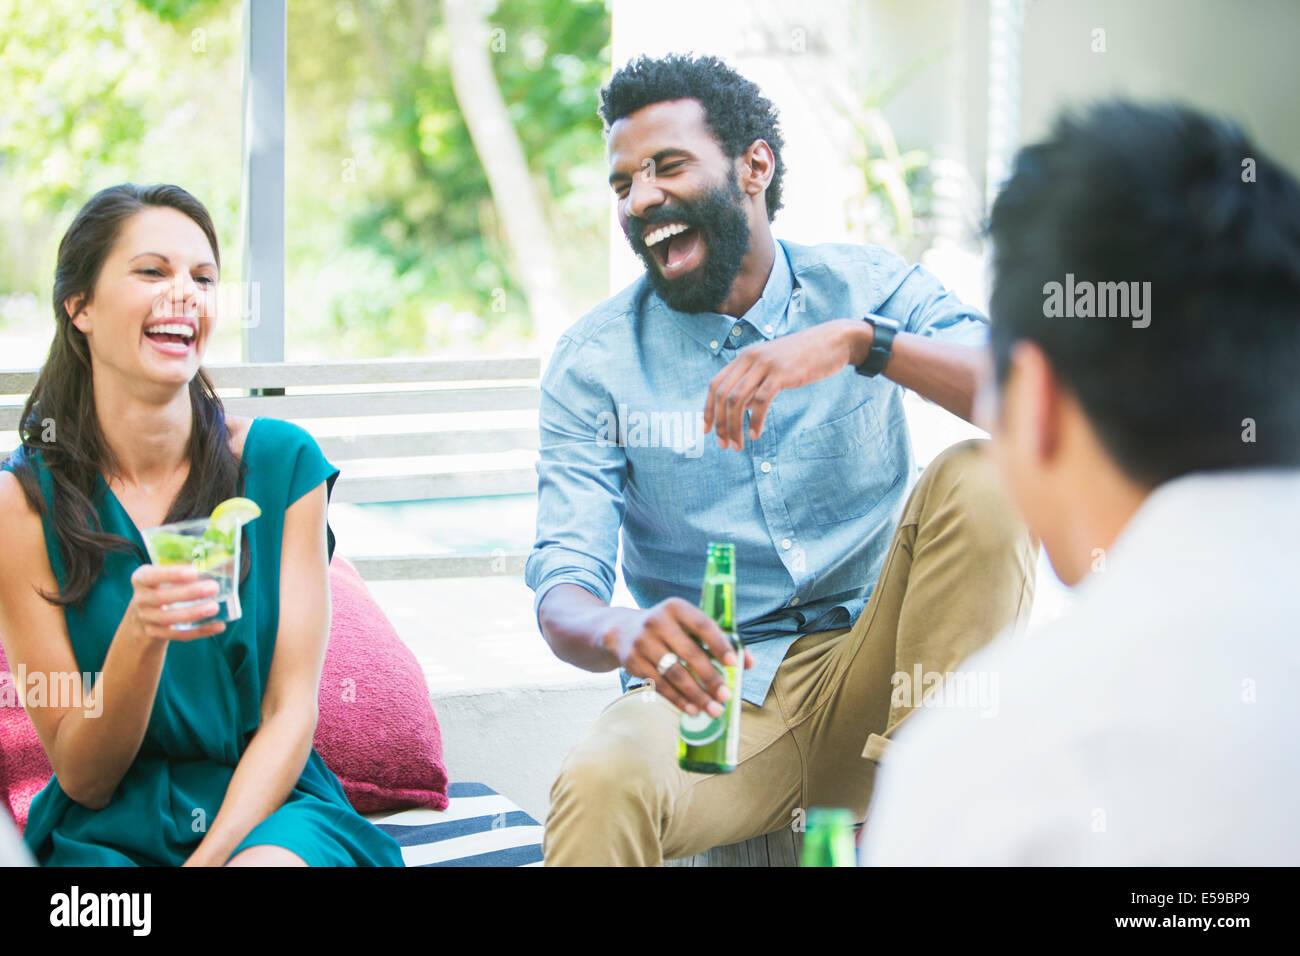 Freunde lachen zusammen auf party Stockbild